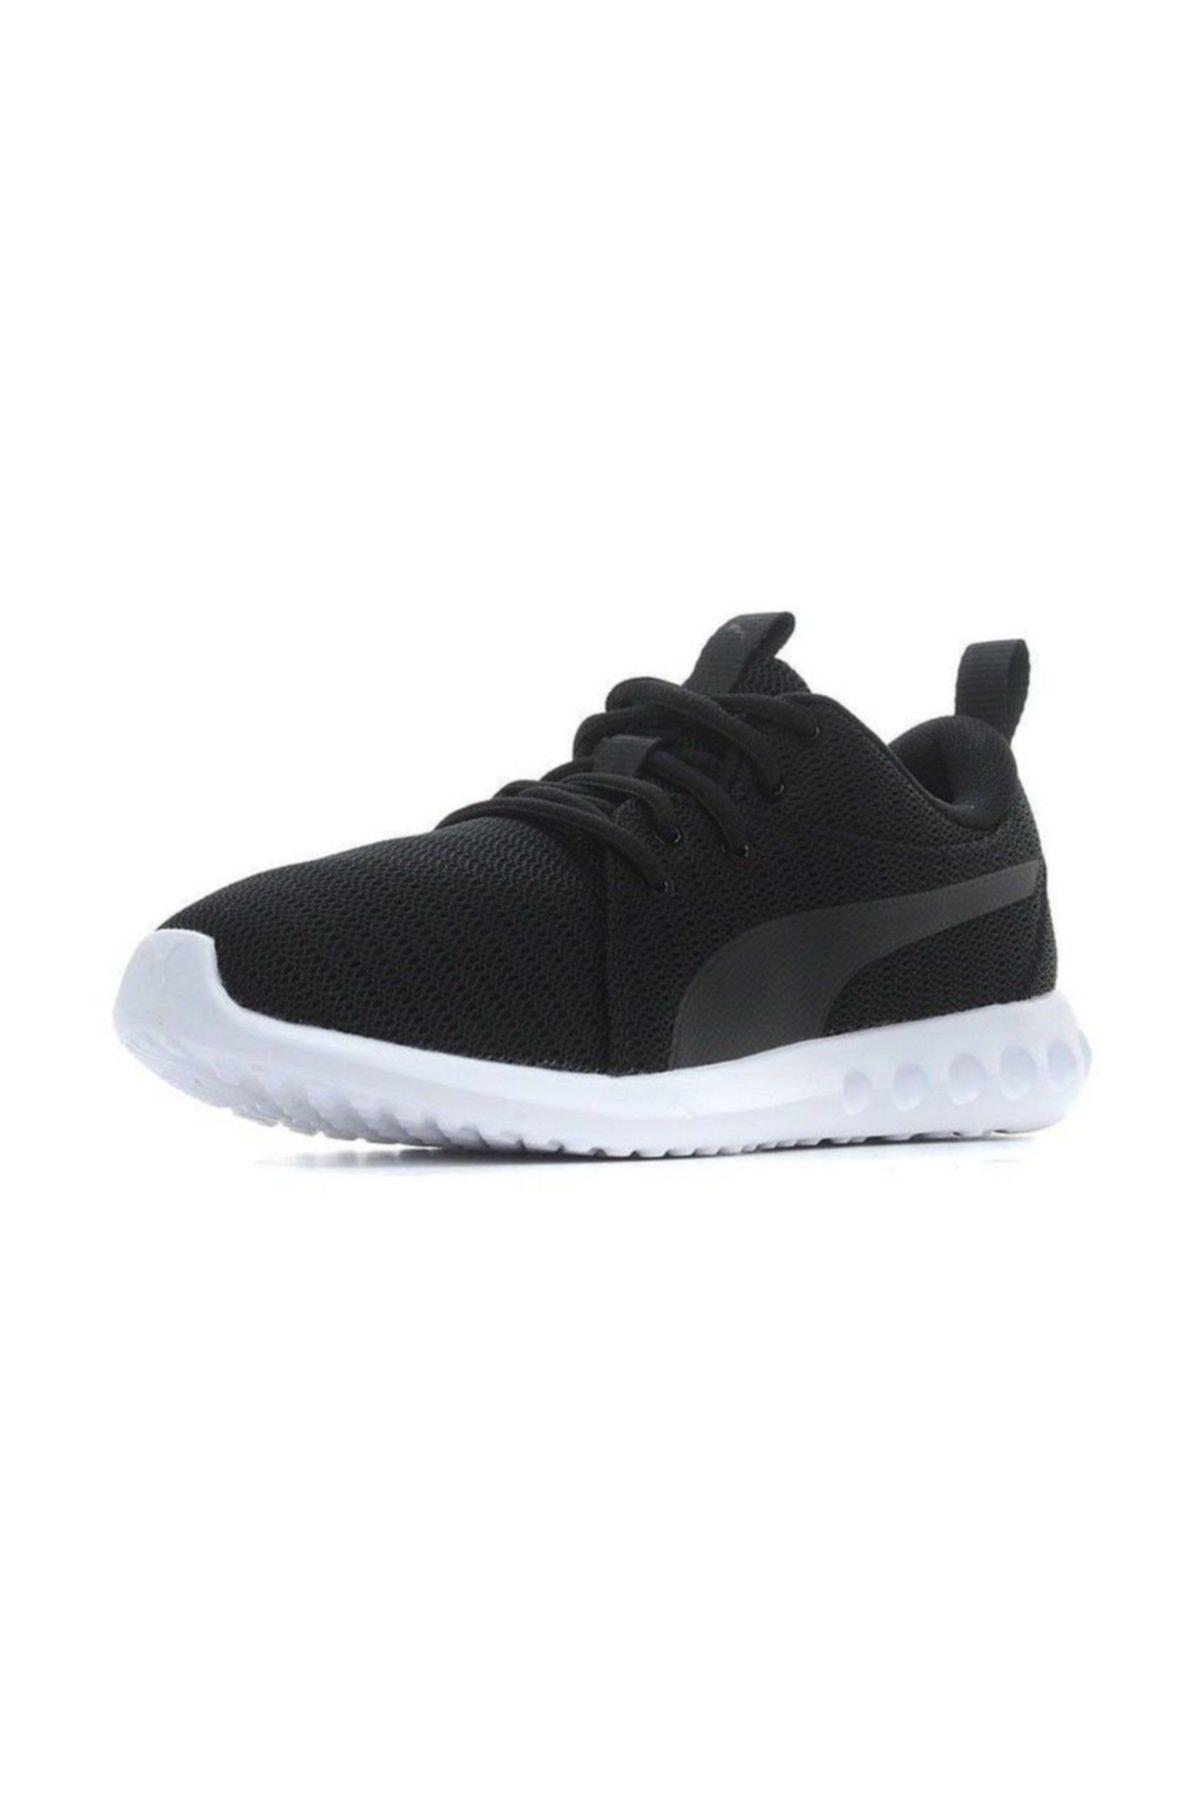 Puma Carson 2 Kadın Koşu Ayakkabısı 1